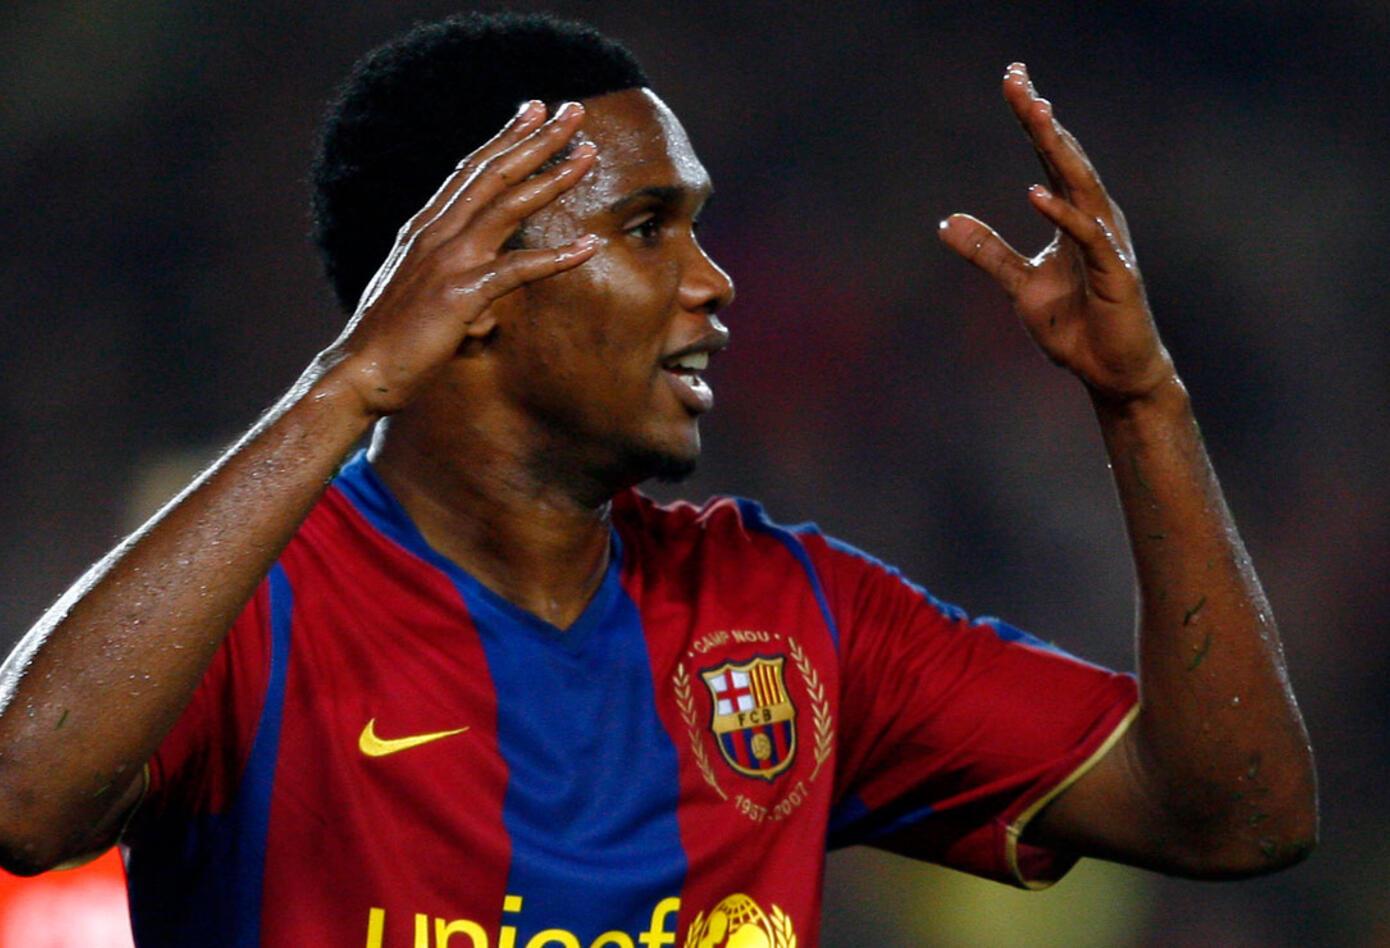 El camerunés Samuel Eto'o era el líder de la delantera en el Barcelona